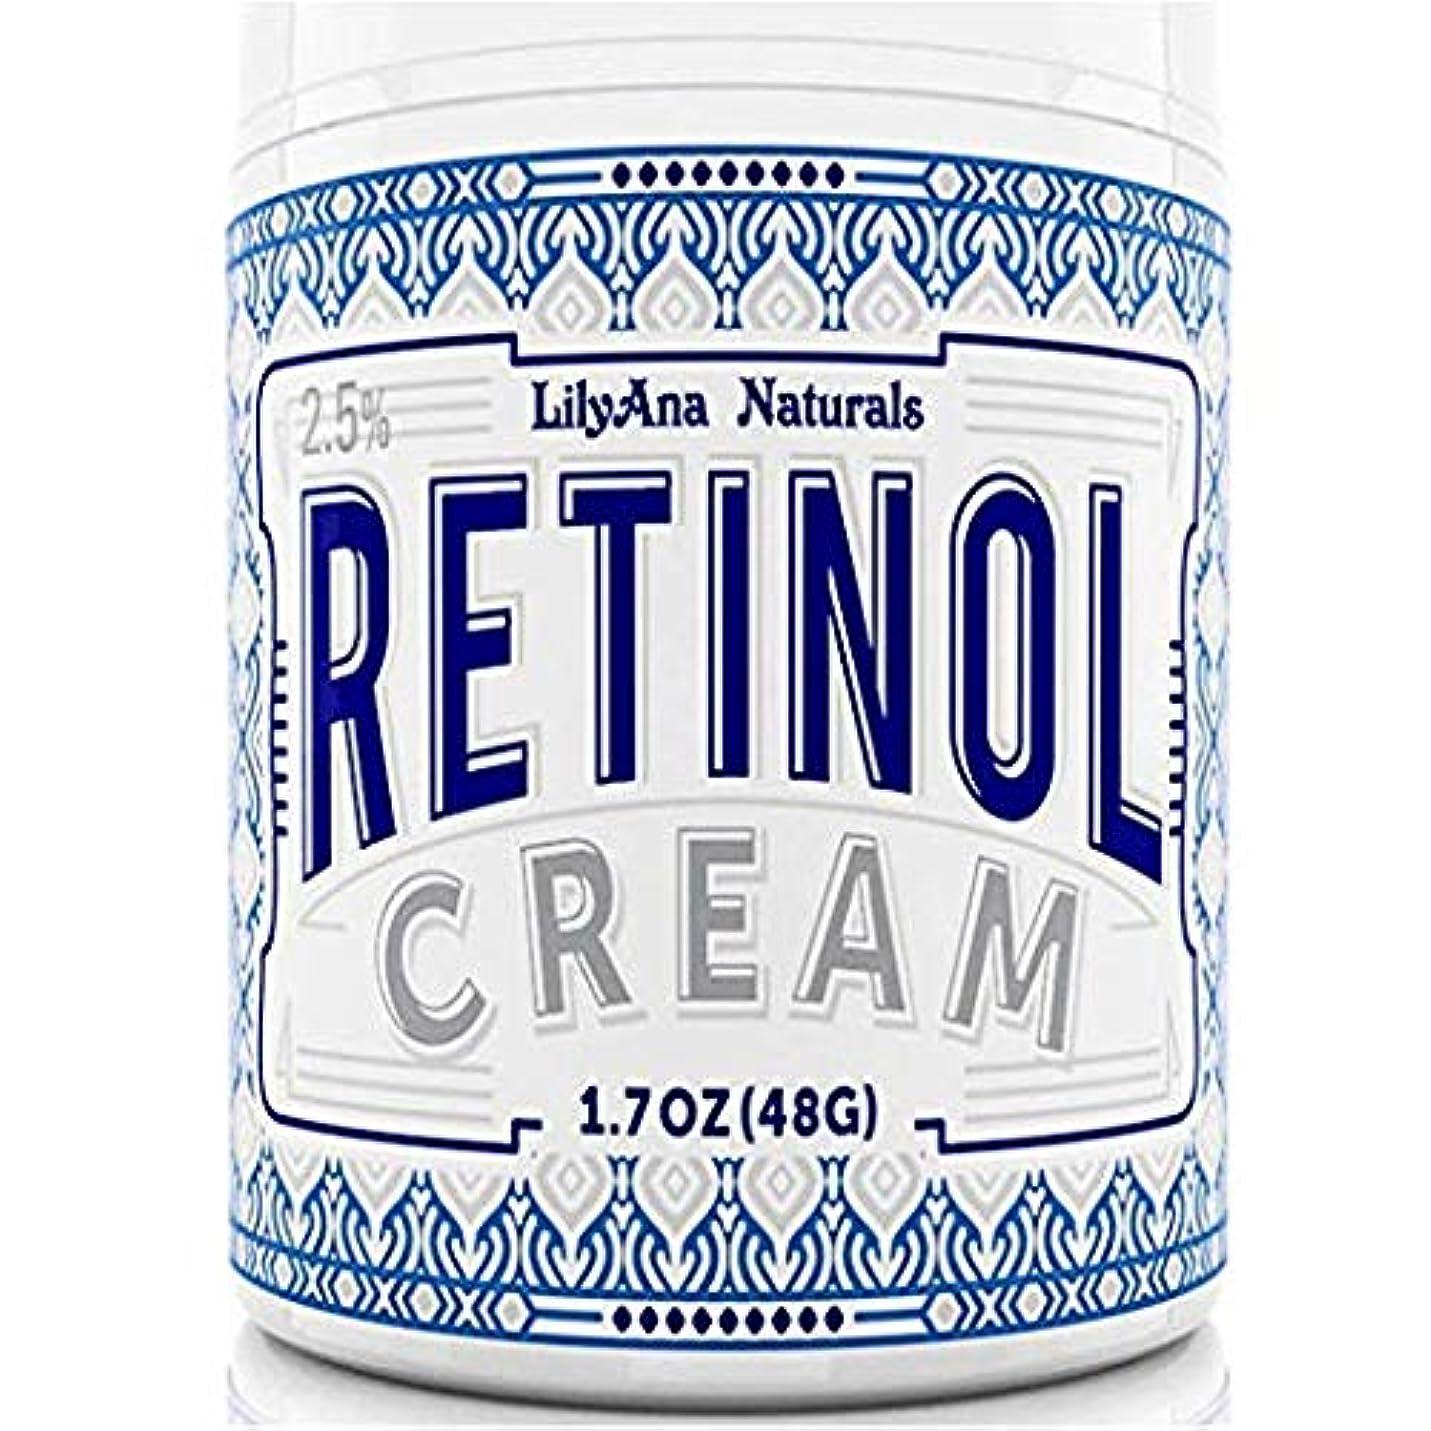 報告書ロープコンピューターLilyAna 社 の レチノール モイスチャー クリーム LilyAna Naturals Retinol Cream Moisturizer 1.7 Oz